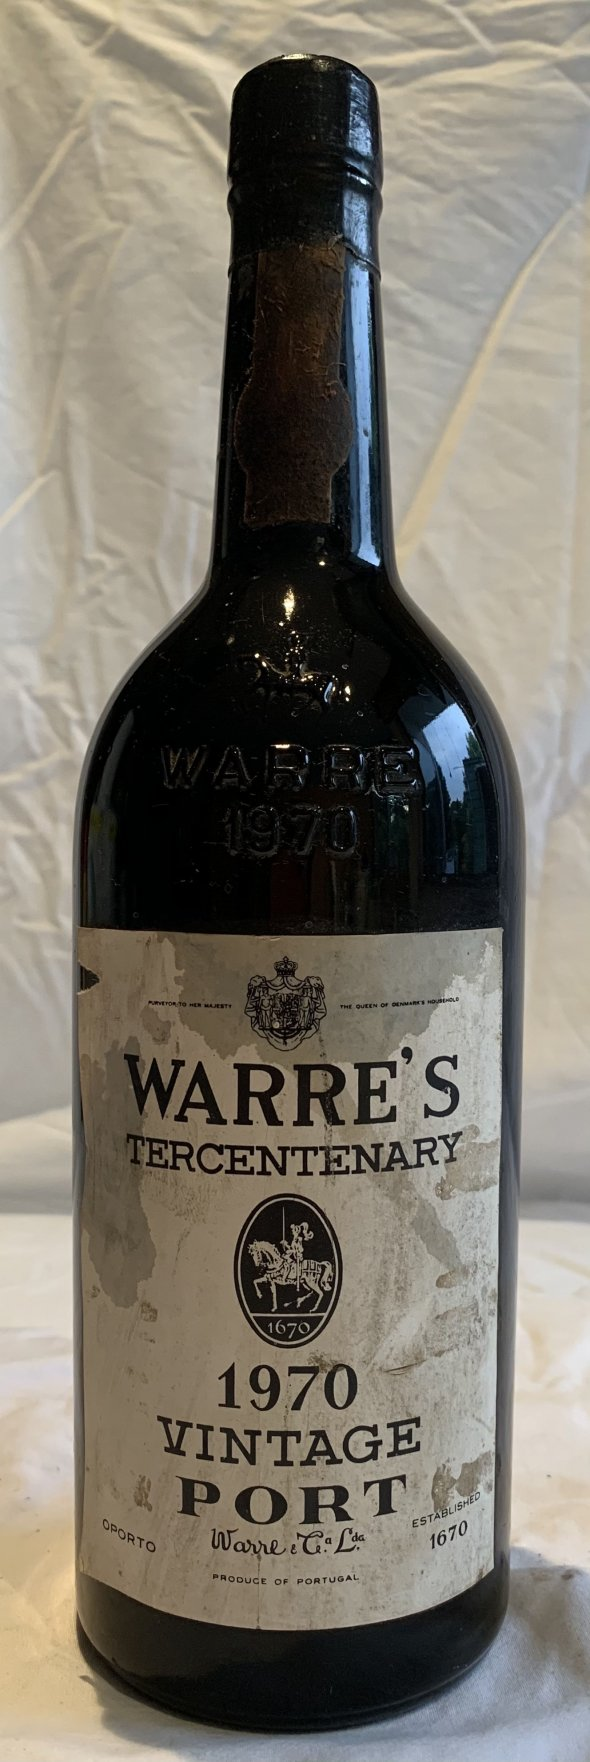 WARRE's Tercentenary 1970 Vintage port